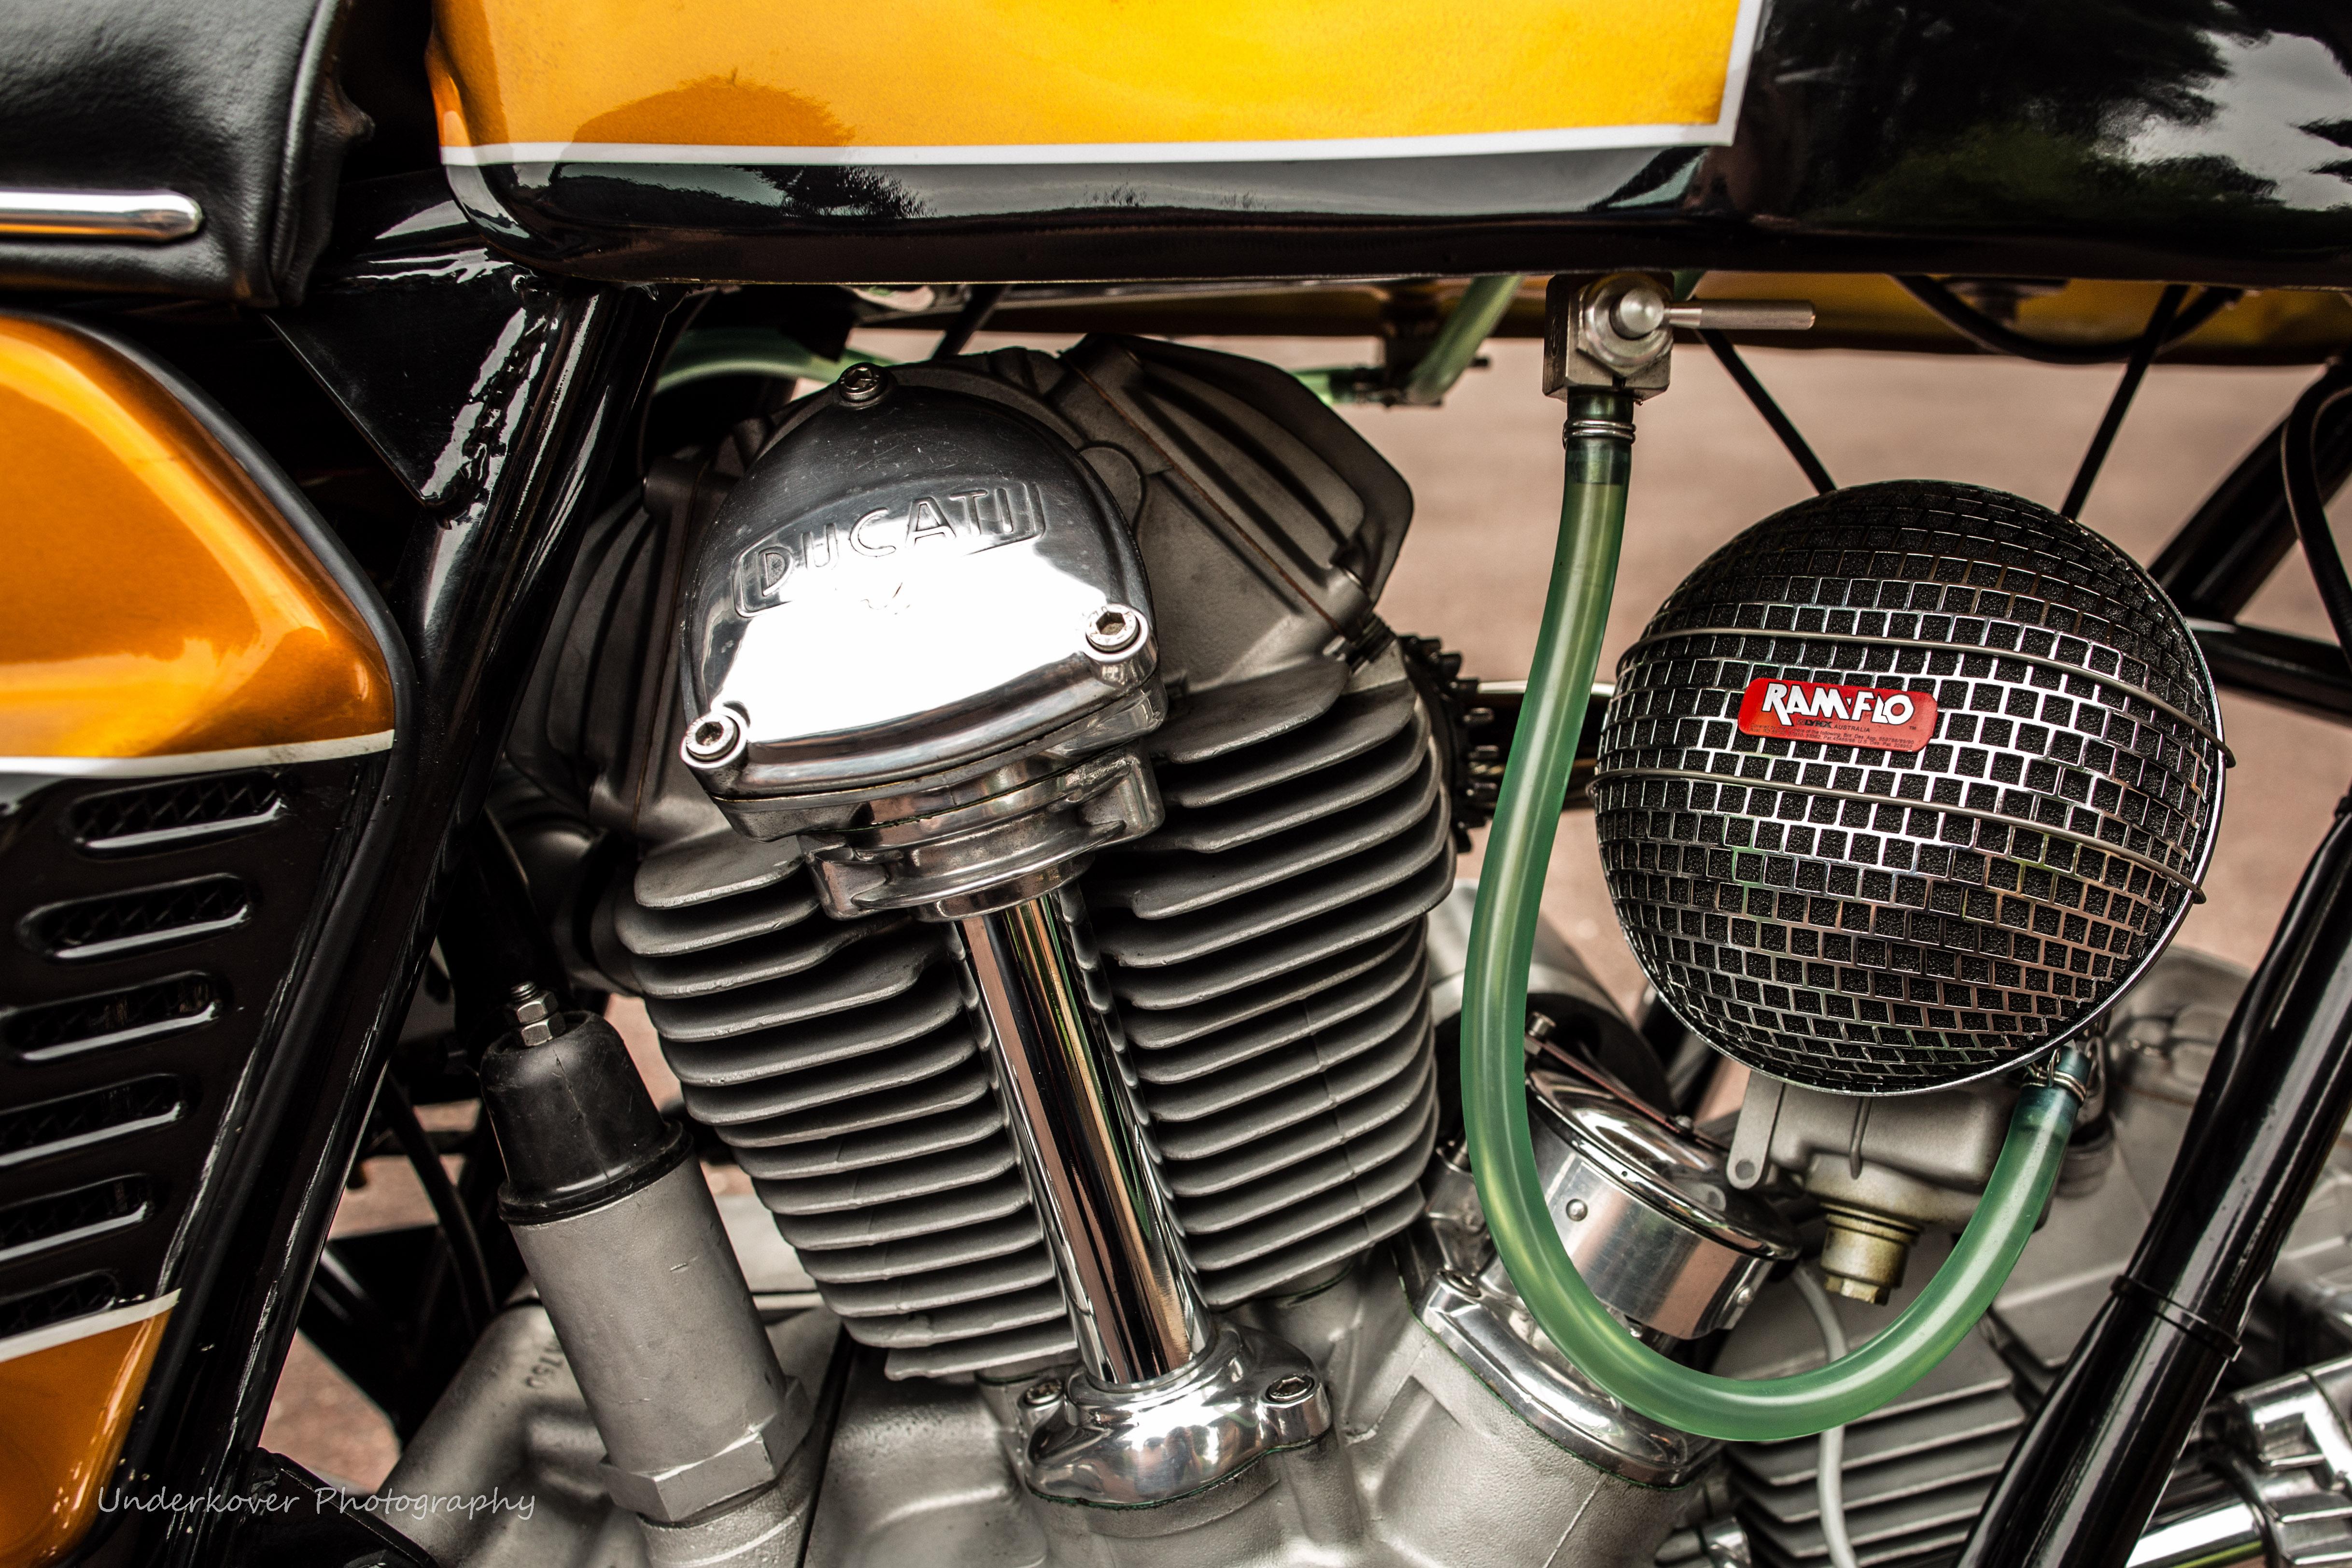 1974 Ducati 750GT engine